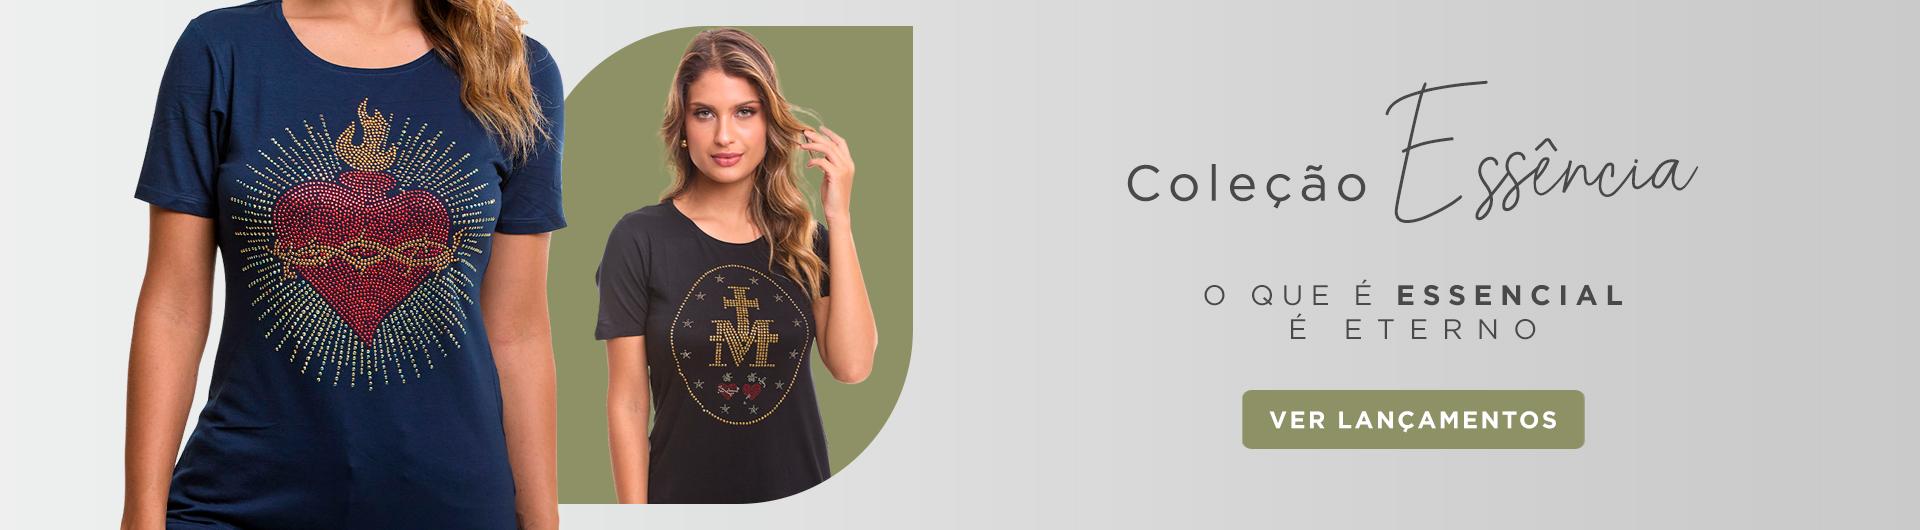 Coleção Essência - Fashion